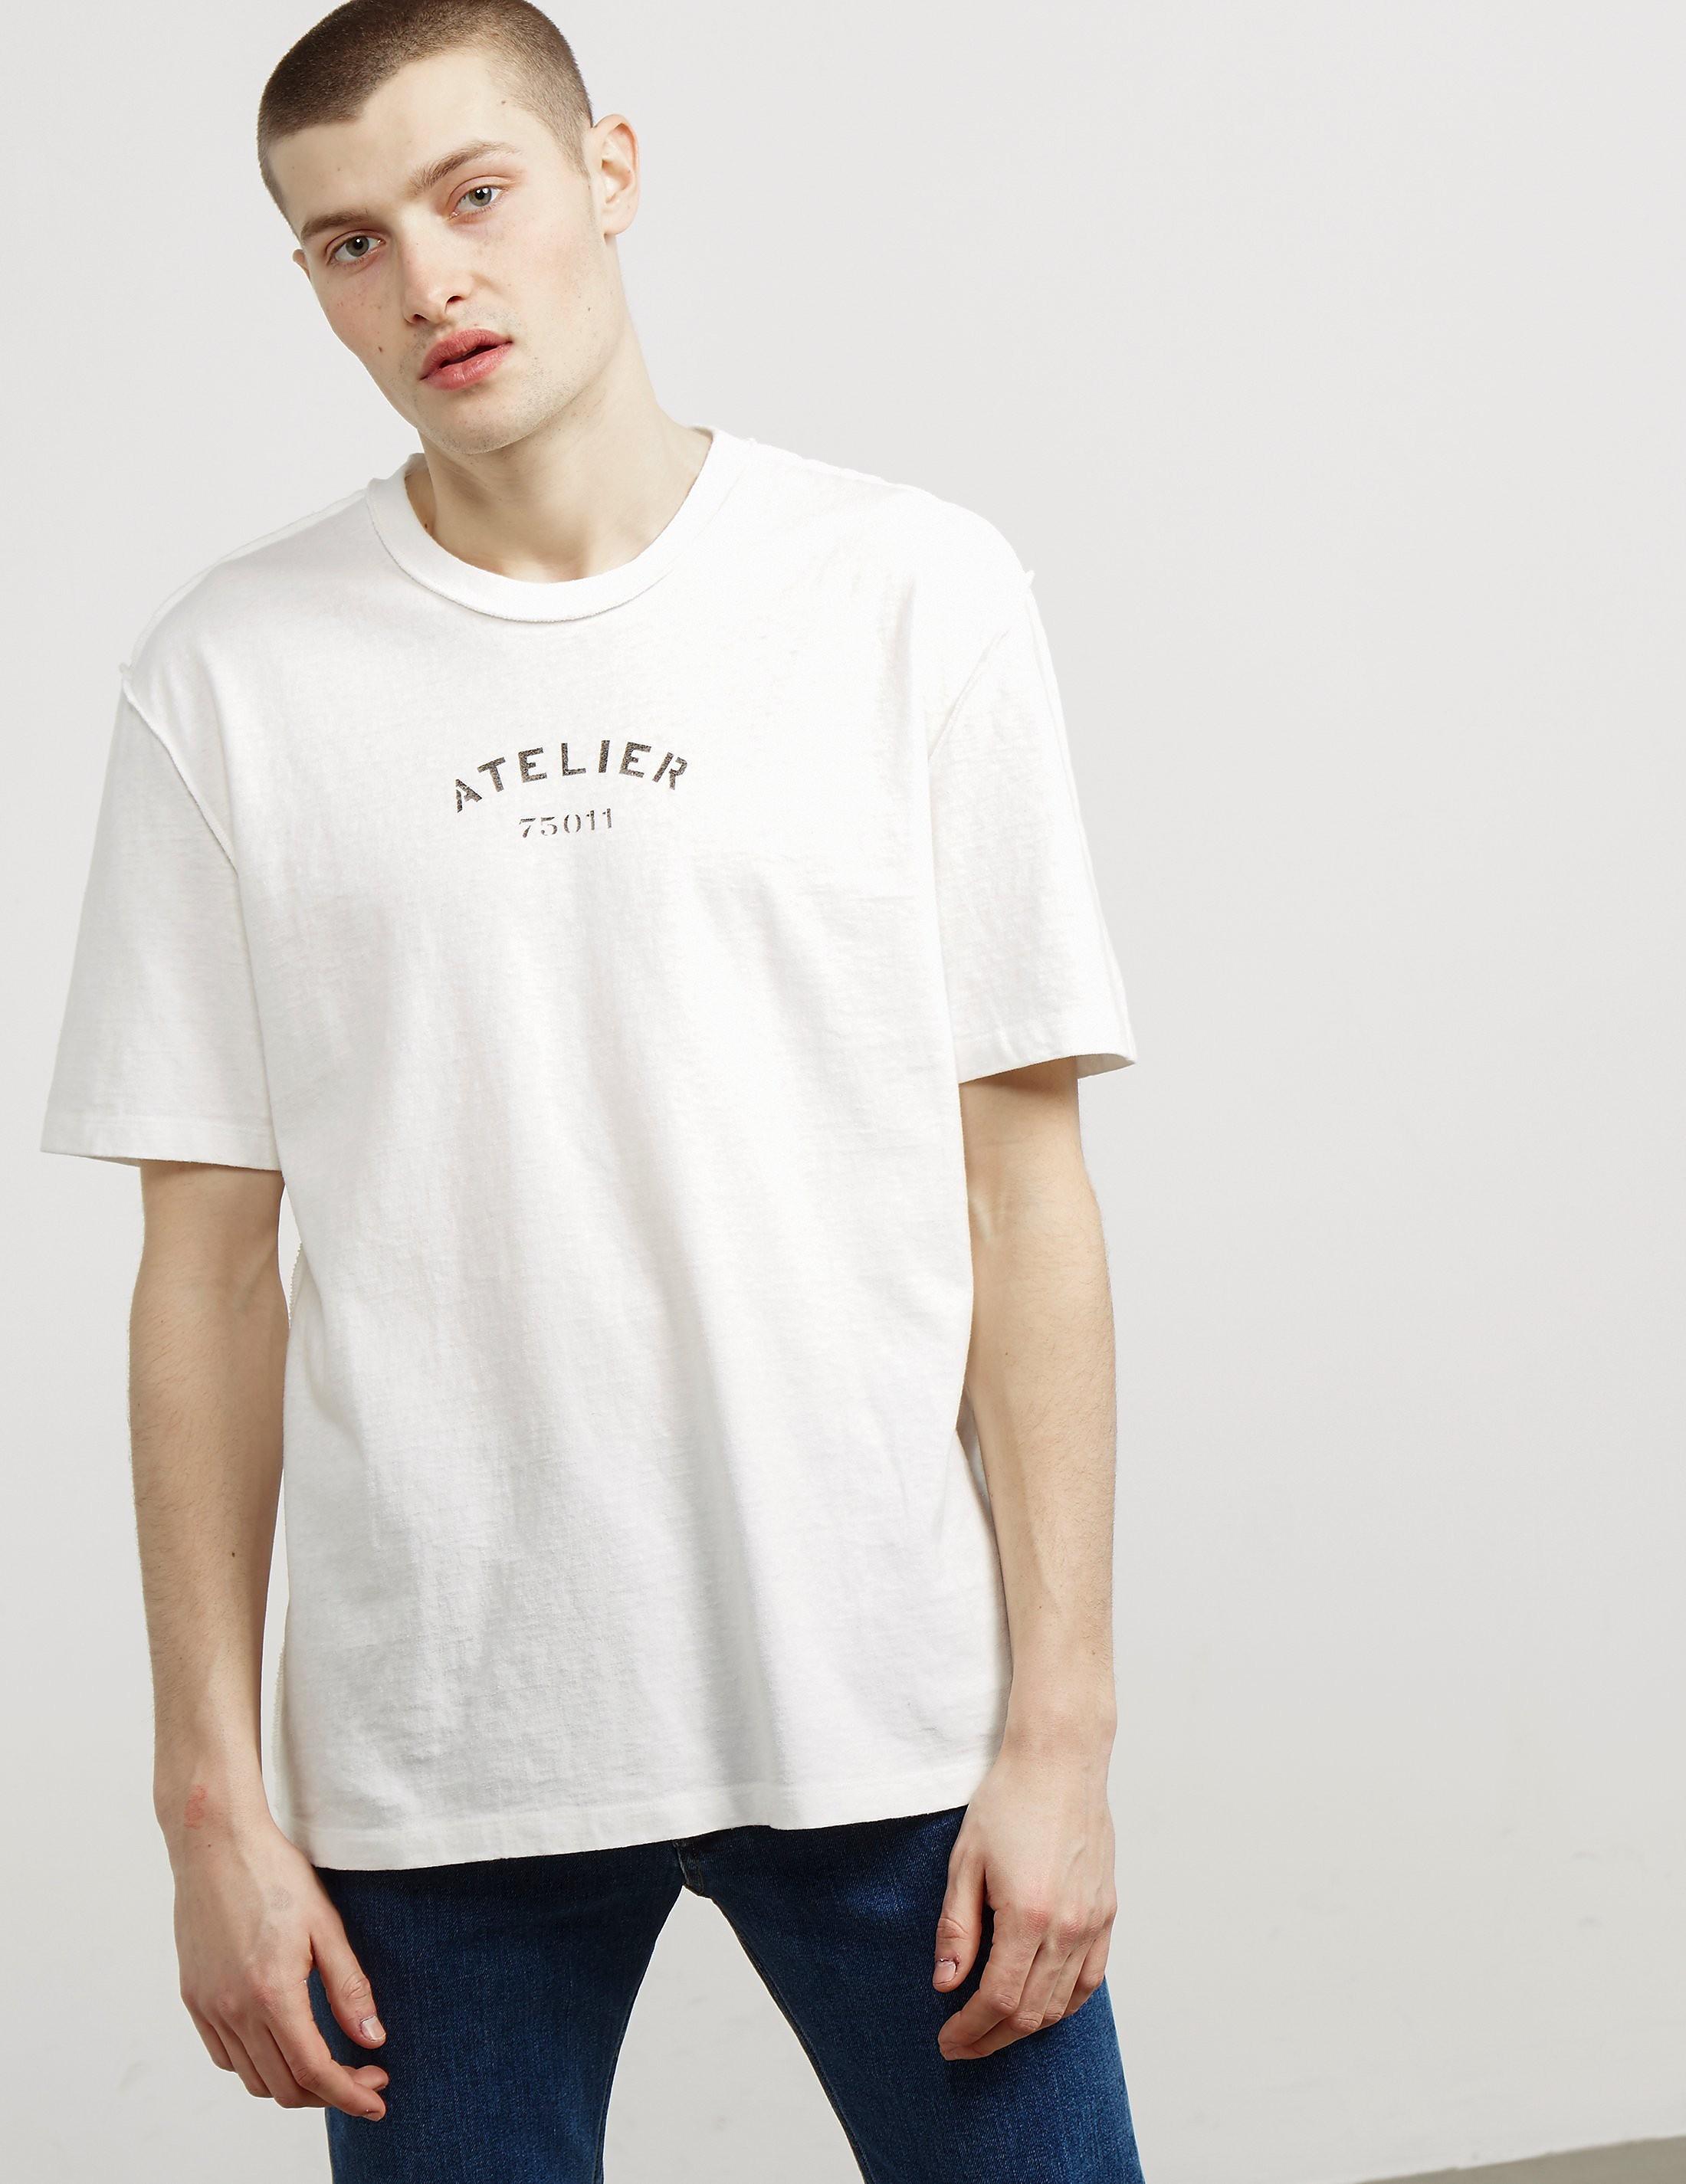 Maison Margiela Atelier Short Sleeve T-Shirt - Online Exclusive